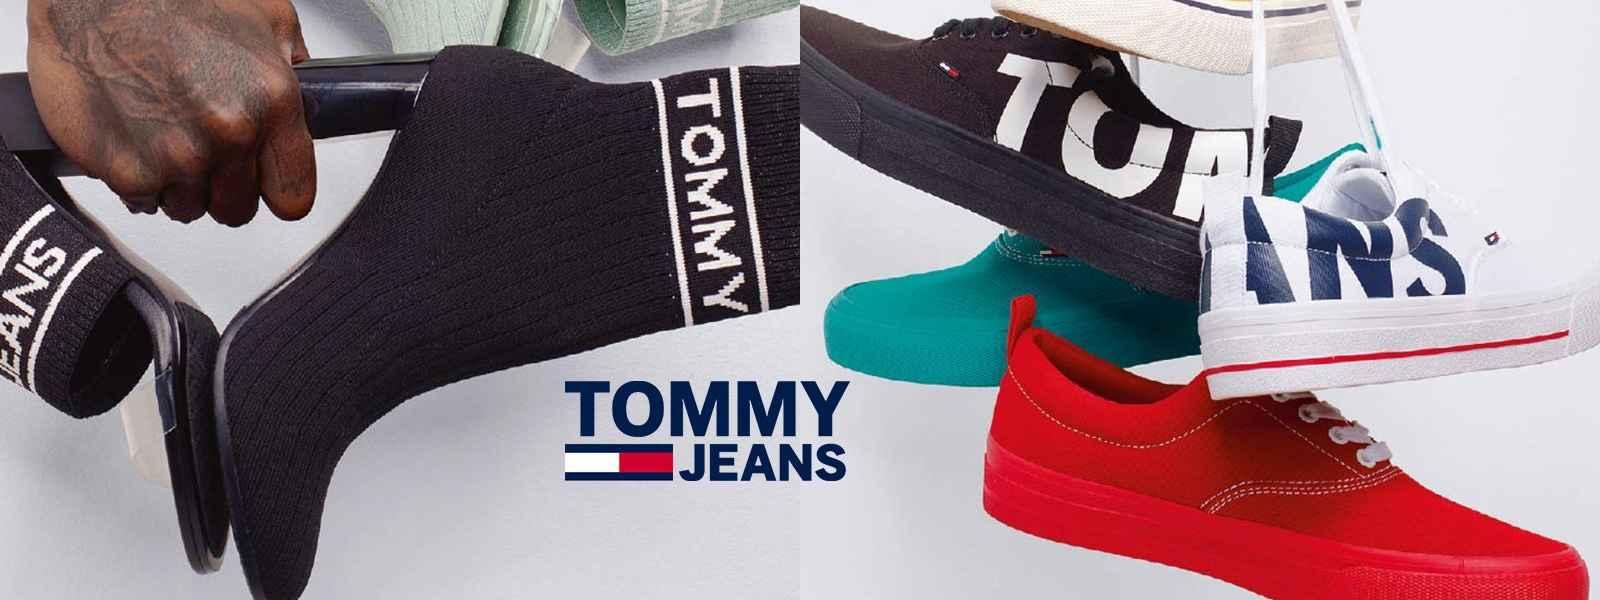 Tommy Джинсы : Обувь